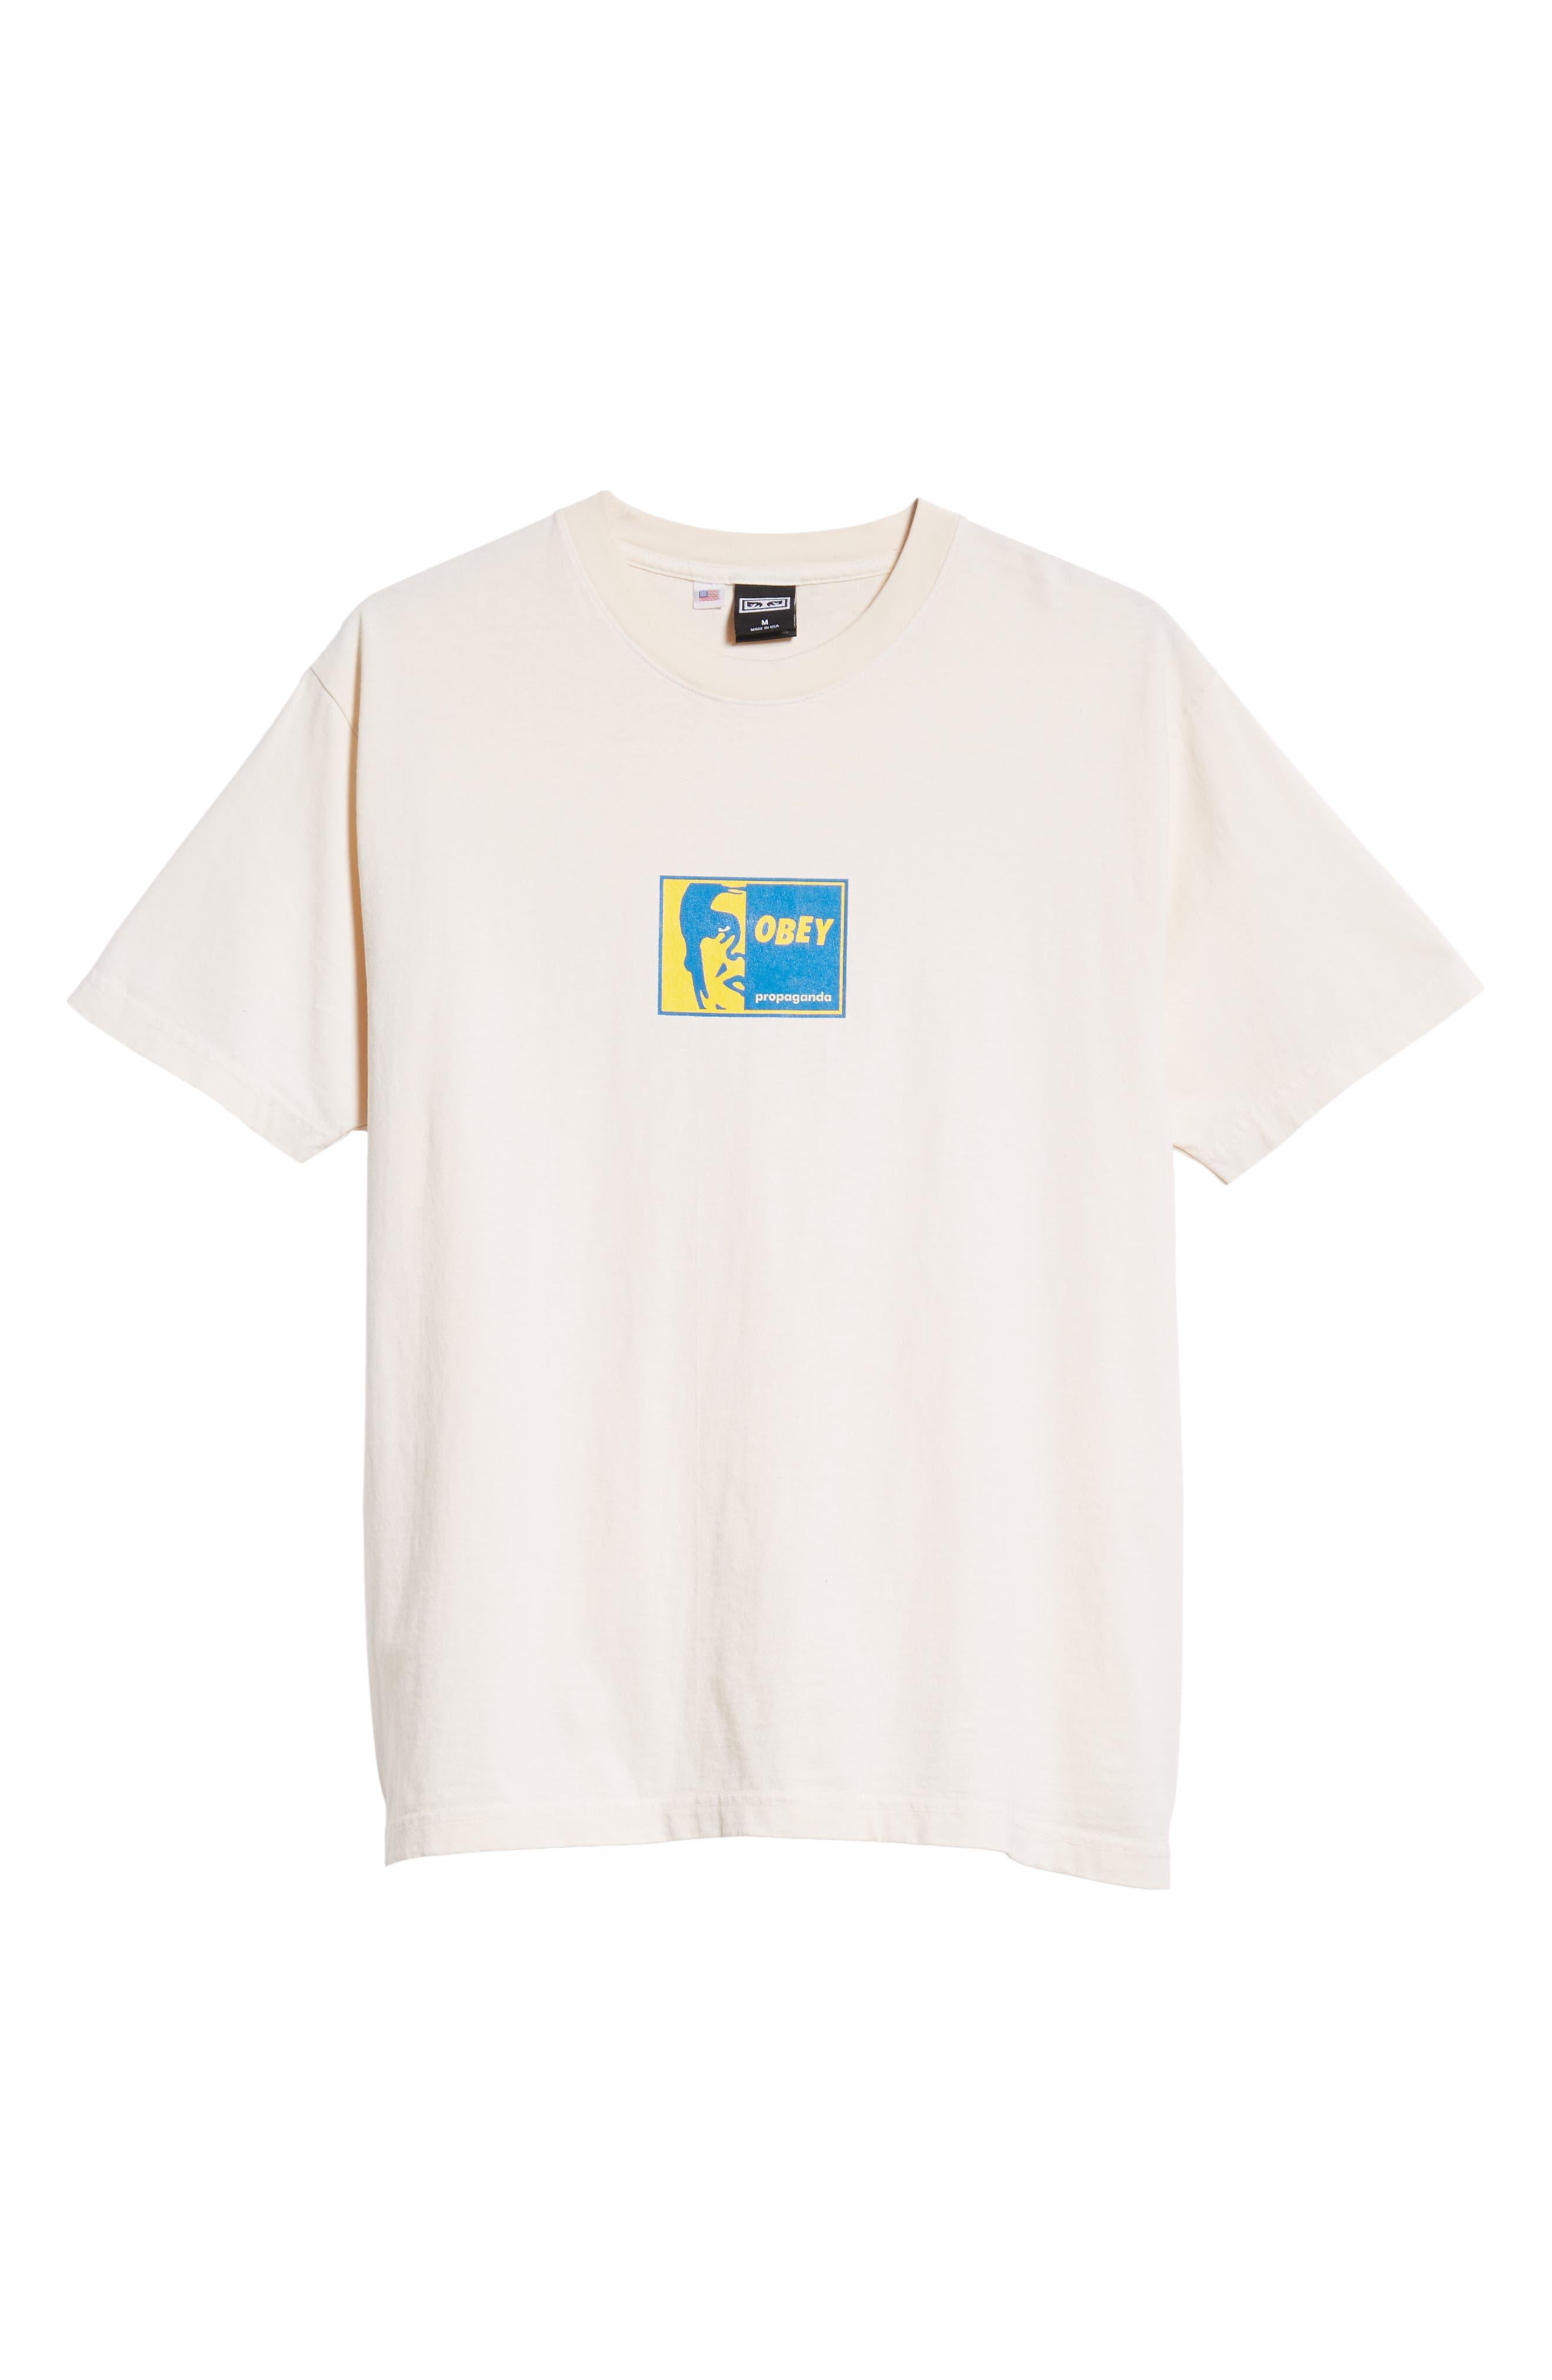 Slap On Box T-Shirt,                             Alternate thumbnail 6, color,                             CREAM